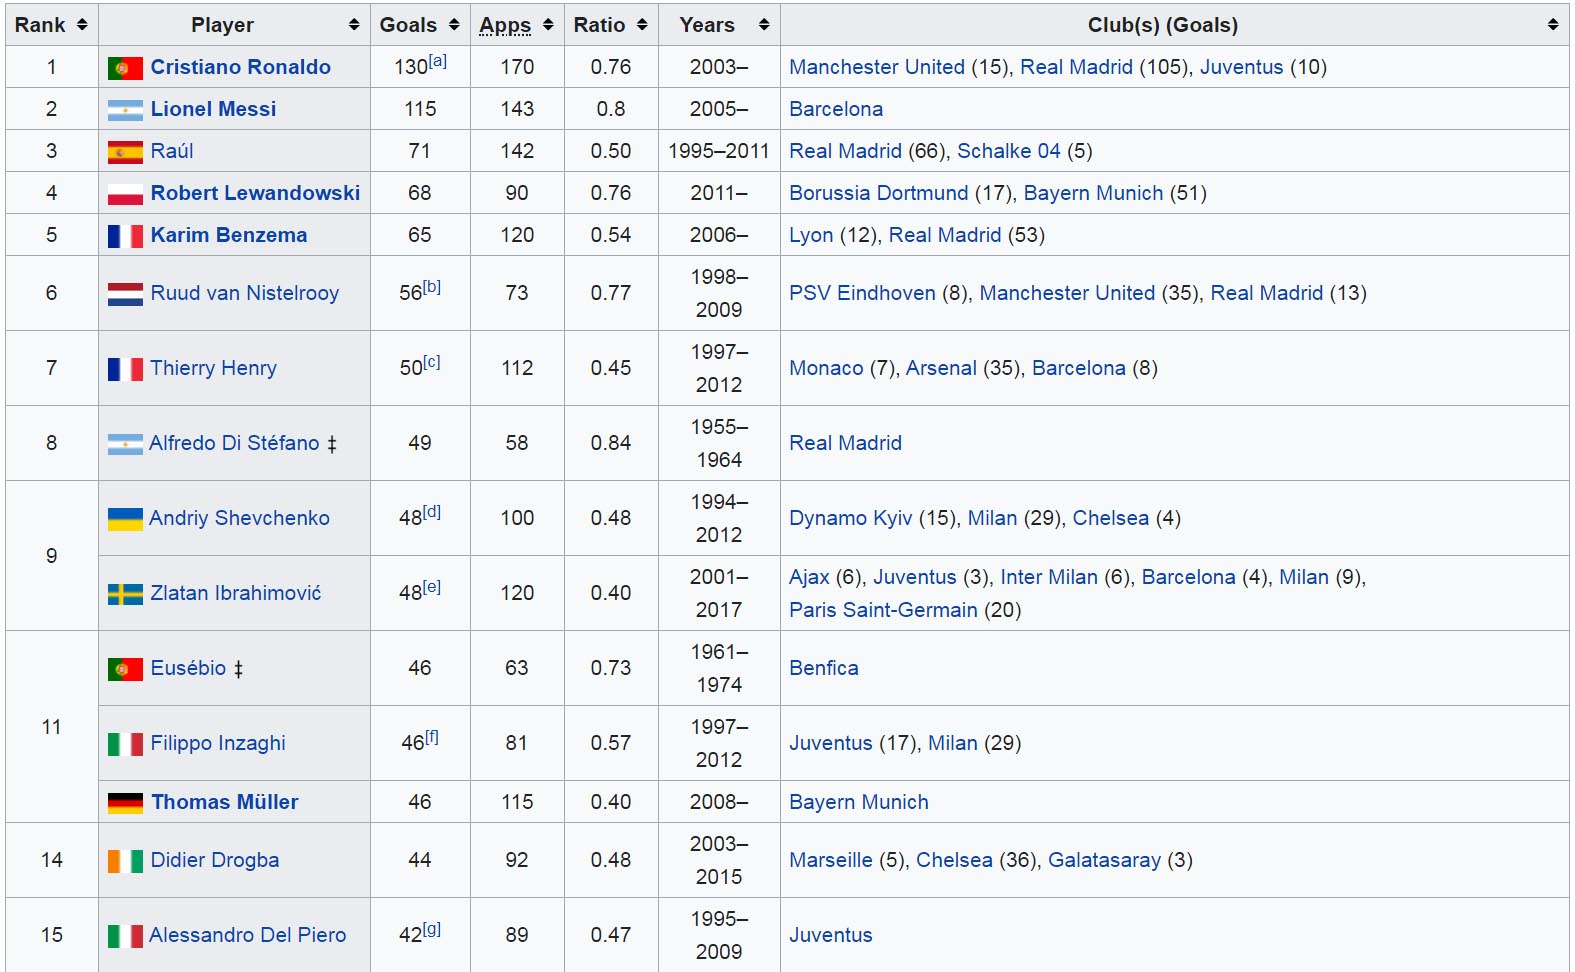 Top 15 cầu thủ ghi nhiều bàn thắng nhất tại cúp C1 châu Âu (Mọi thời đại)